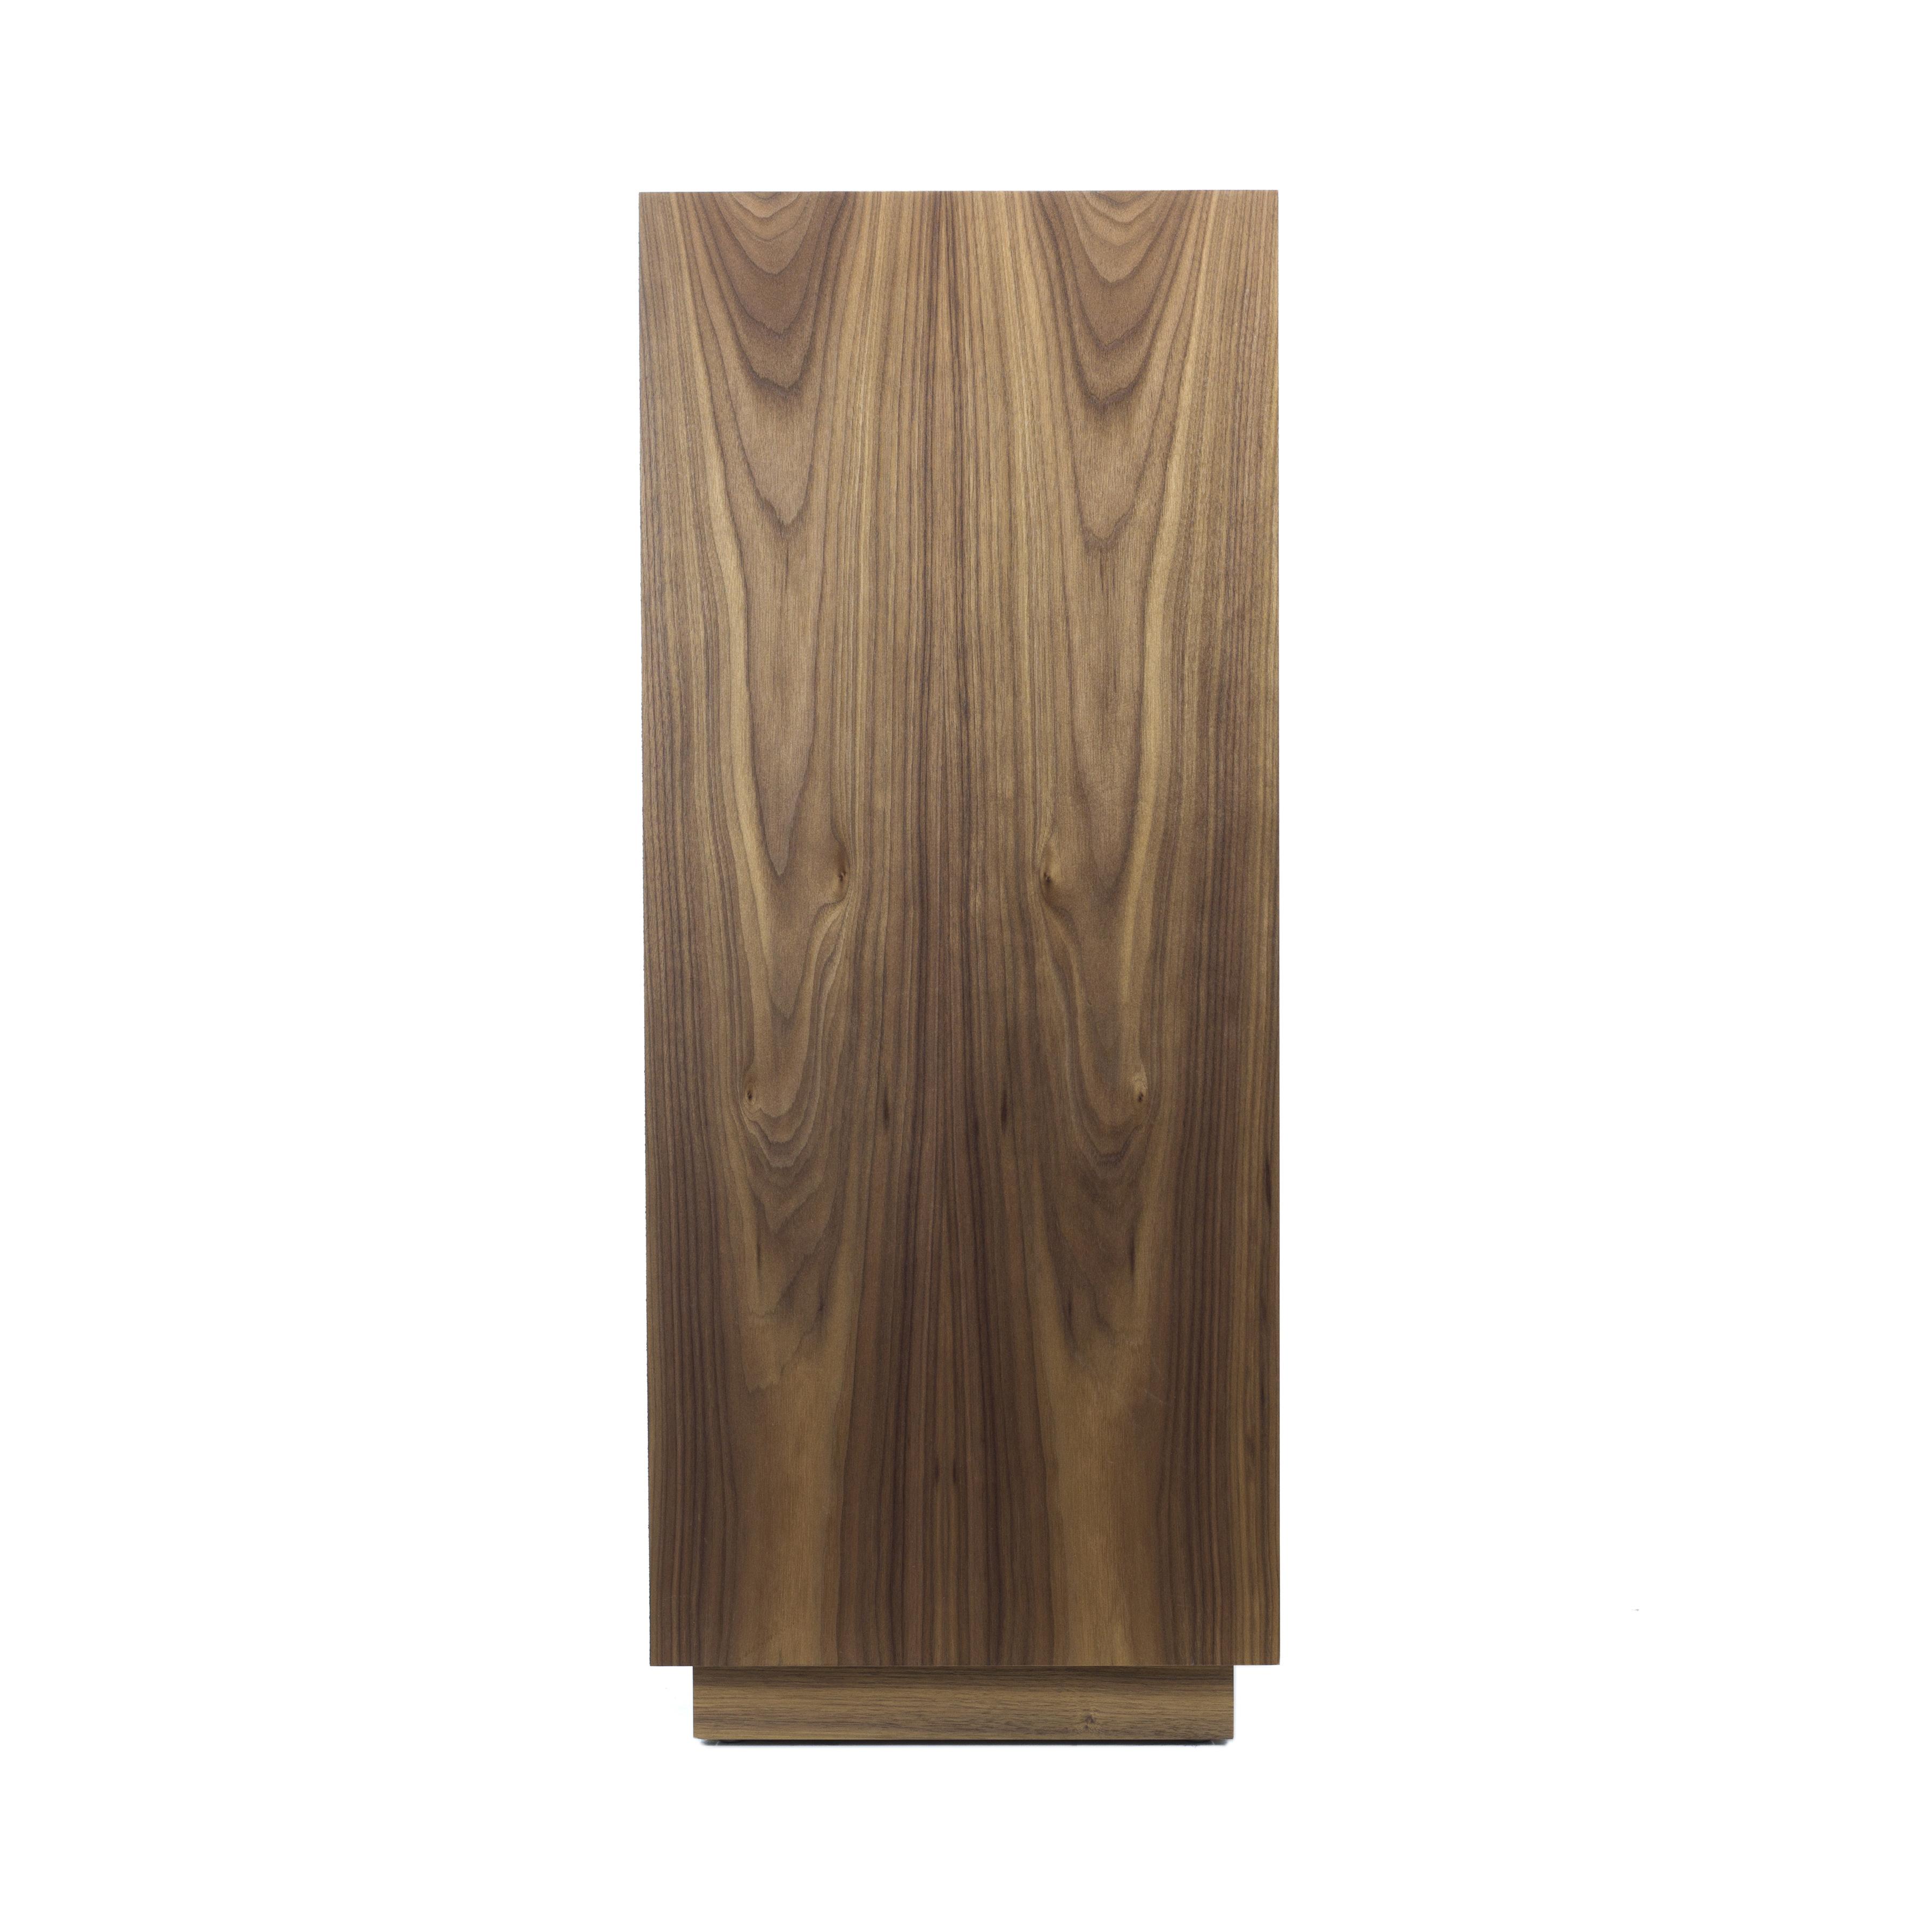 樱桃木或胡桃木胶合板饰面